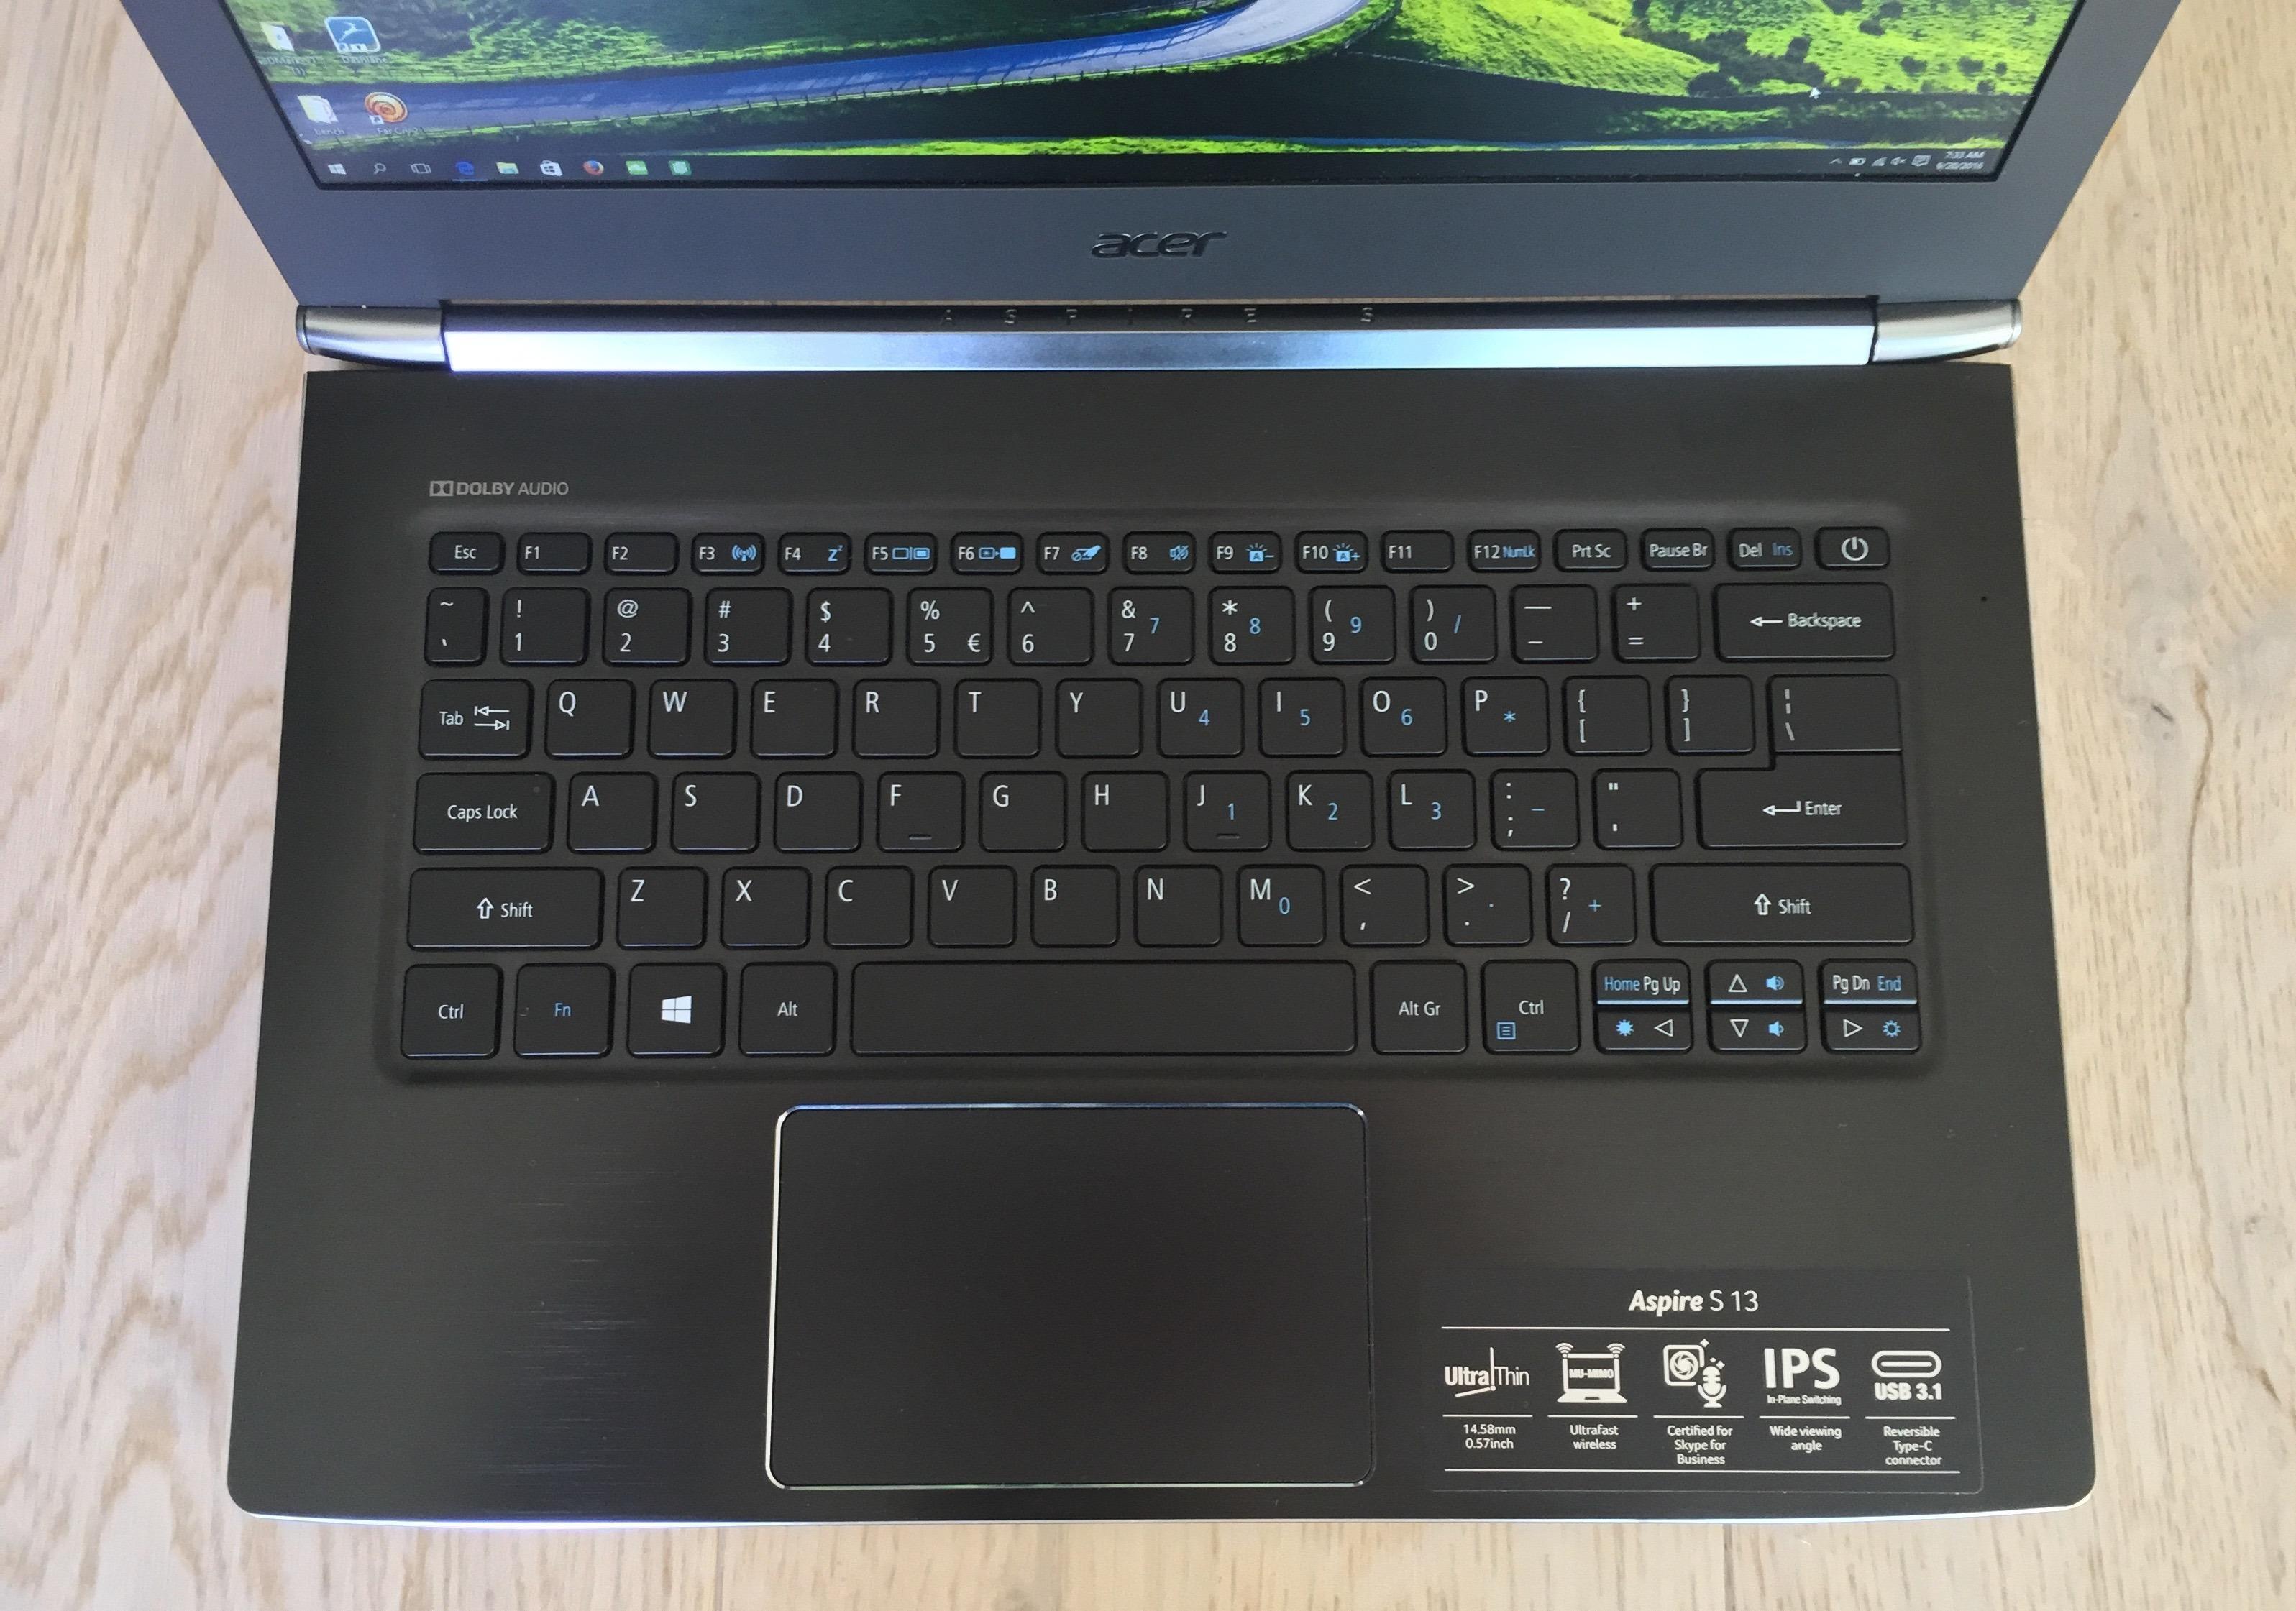 Vår testmaskin har et amerikansk tastaturoppsett.